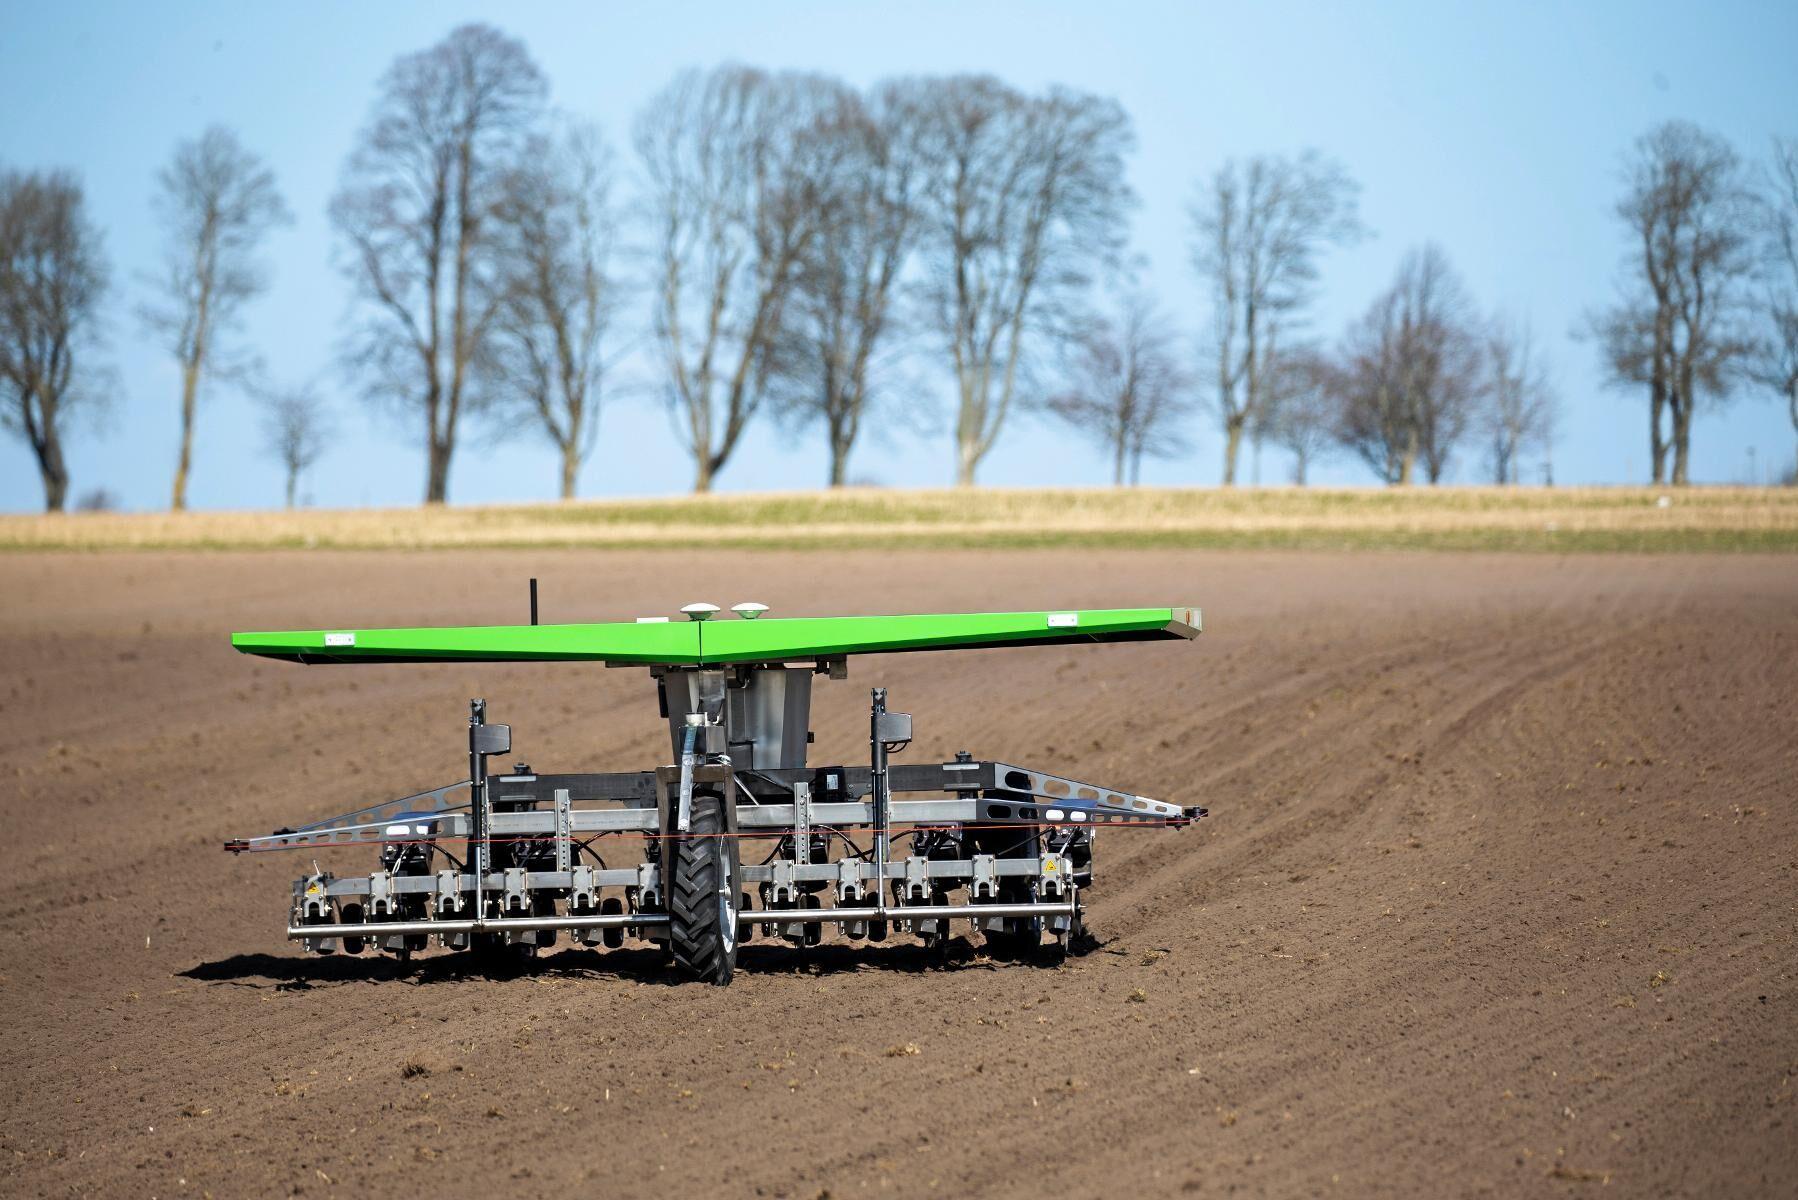 Tyst. Förarlös, luktlös och näst intill ljudlöst rör sig roboten över en yta på ungefär fyra hektar per dygn och ska klara att sköta sådd och ogräsbekämpningen på 20 hektar.